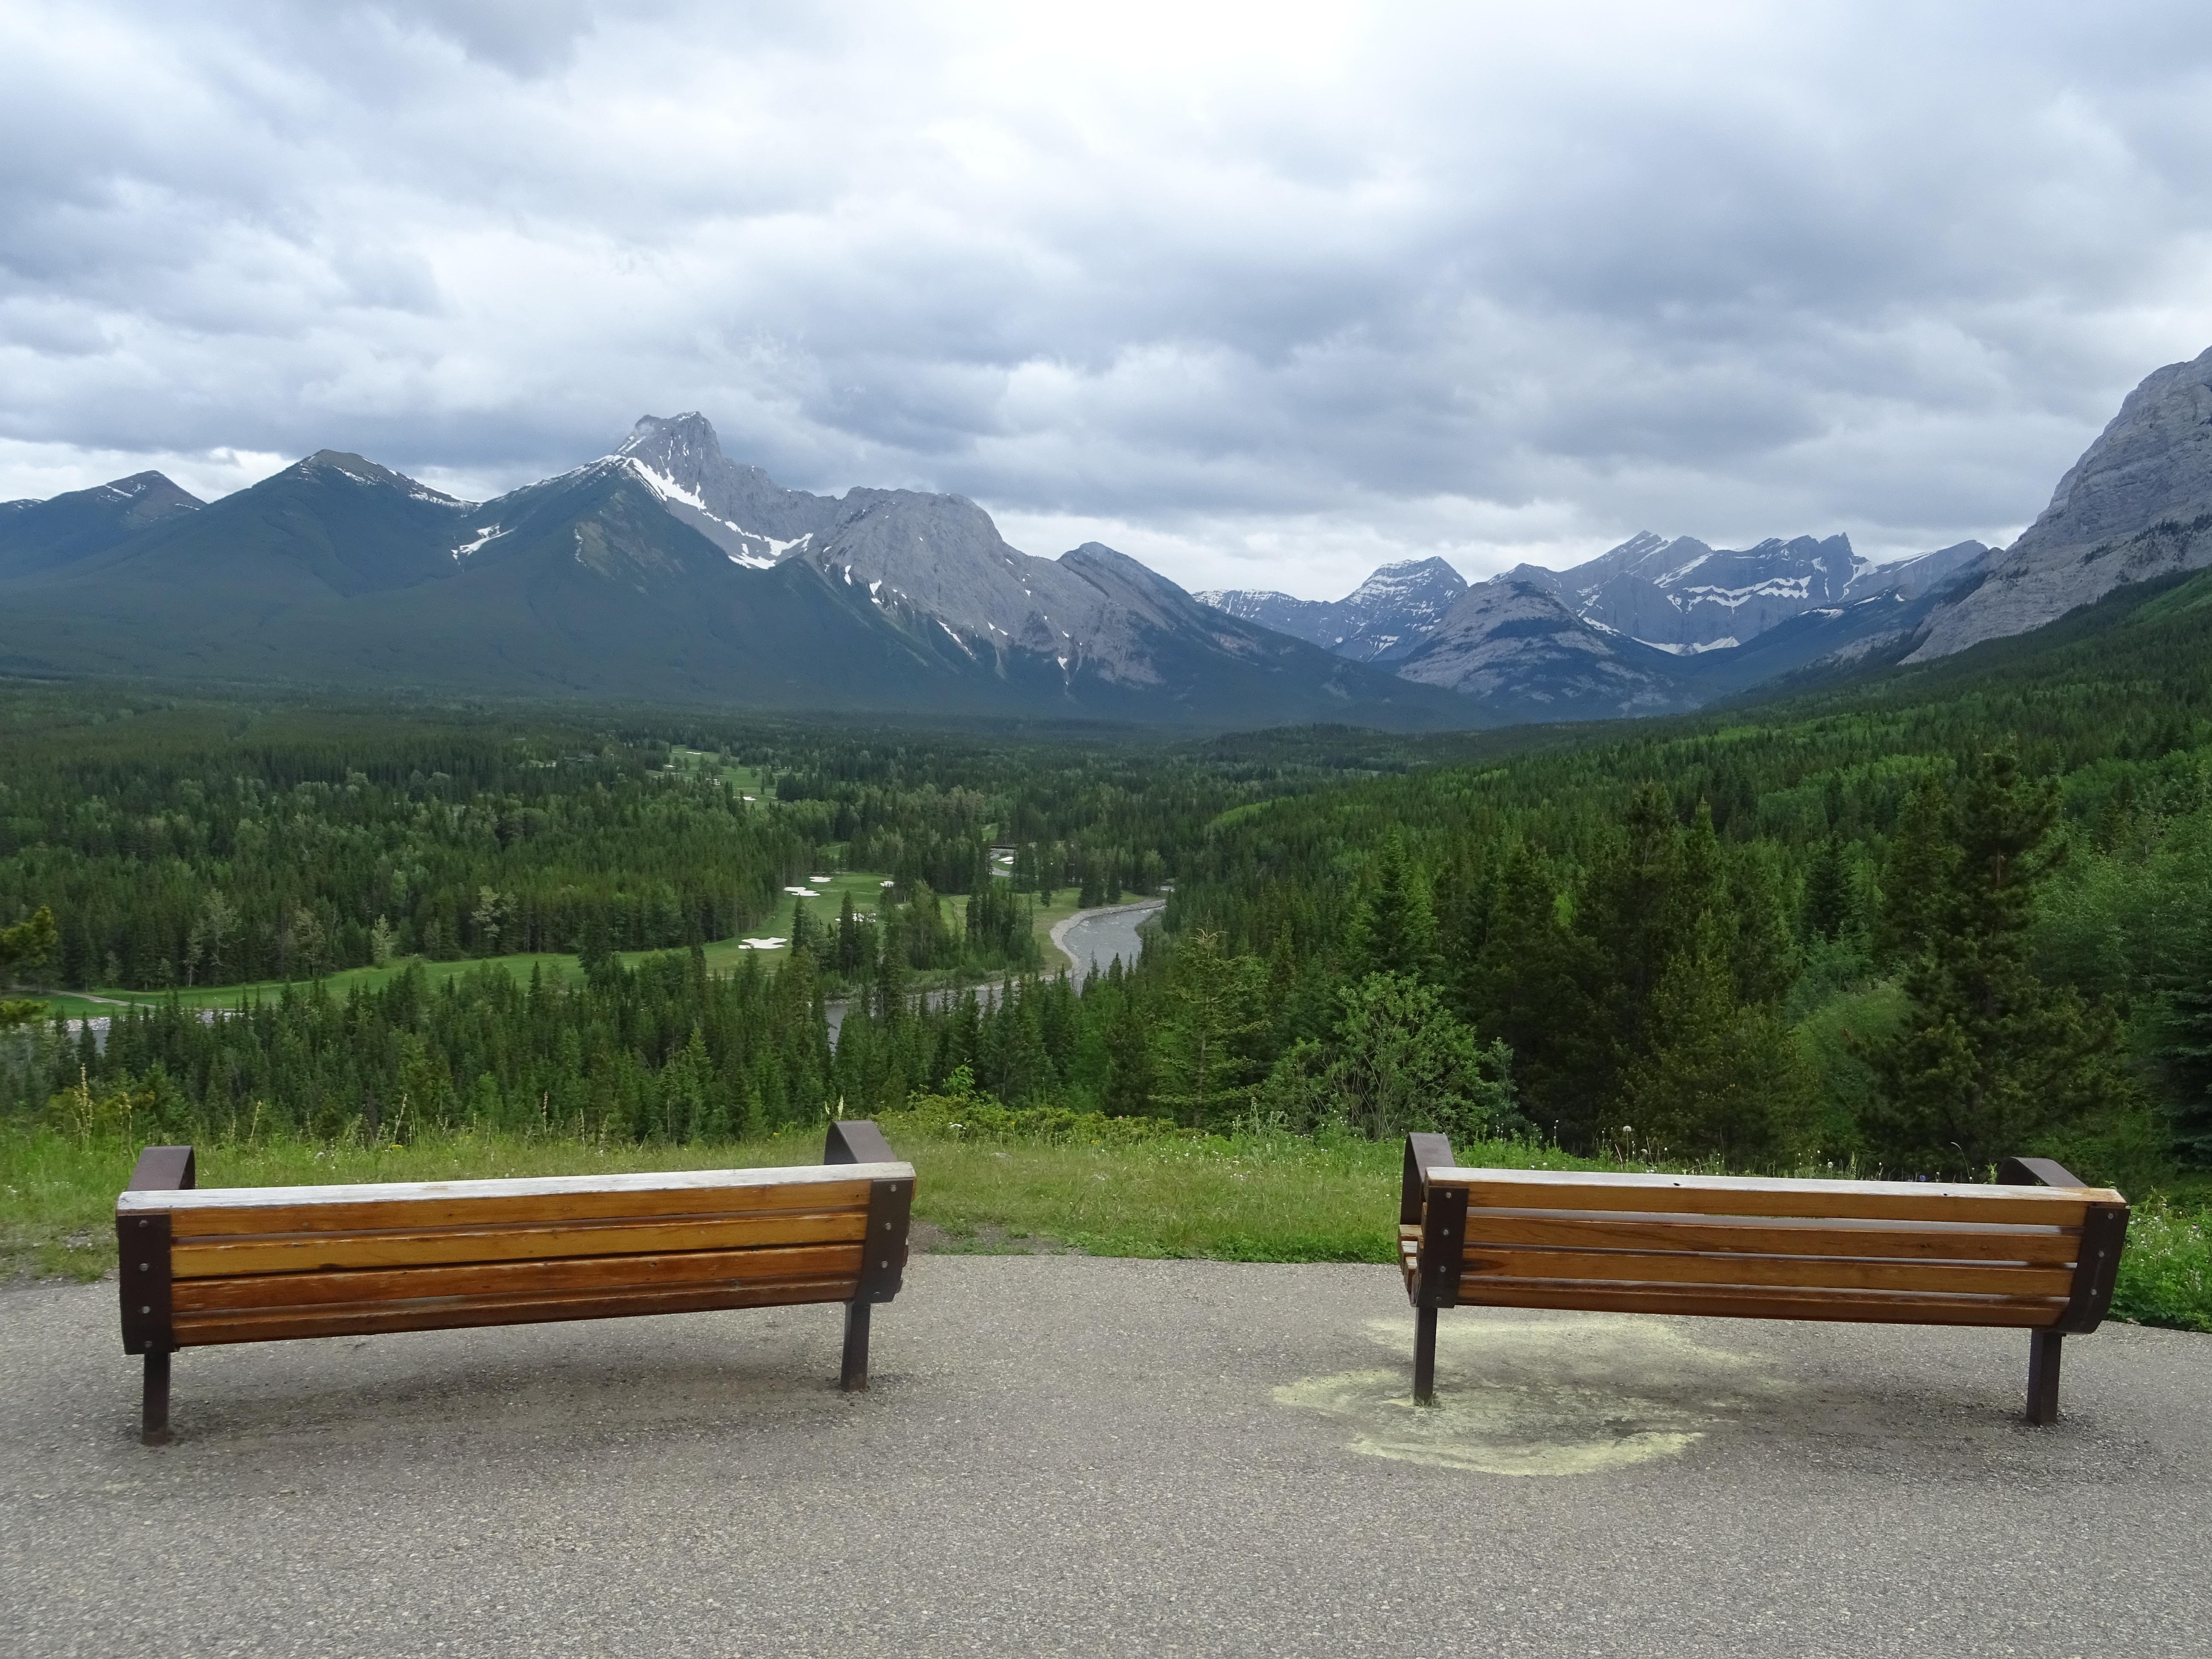 Village Rim Trail, Kananaskis, Alberta, Canada